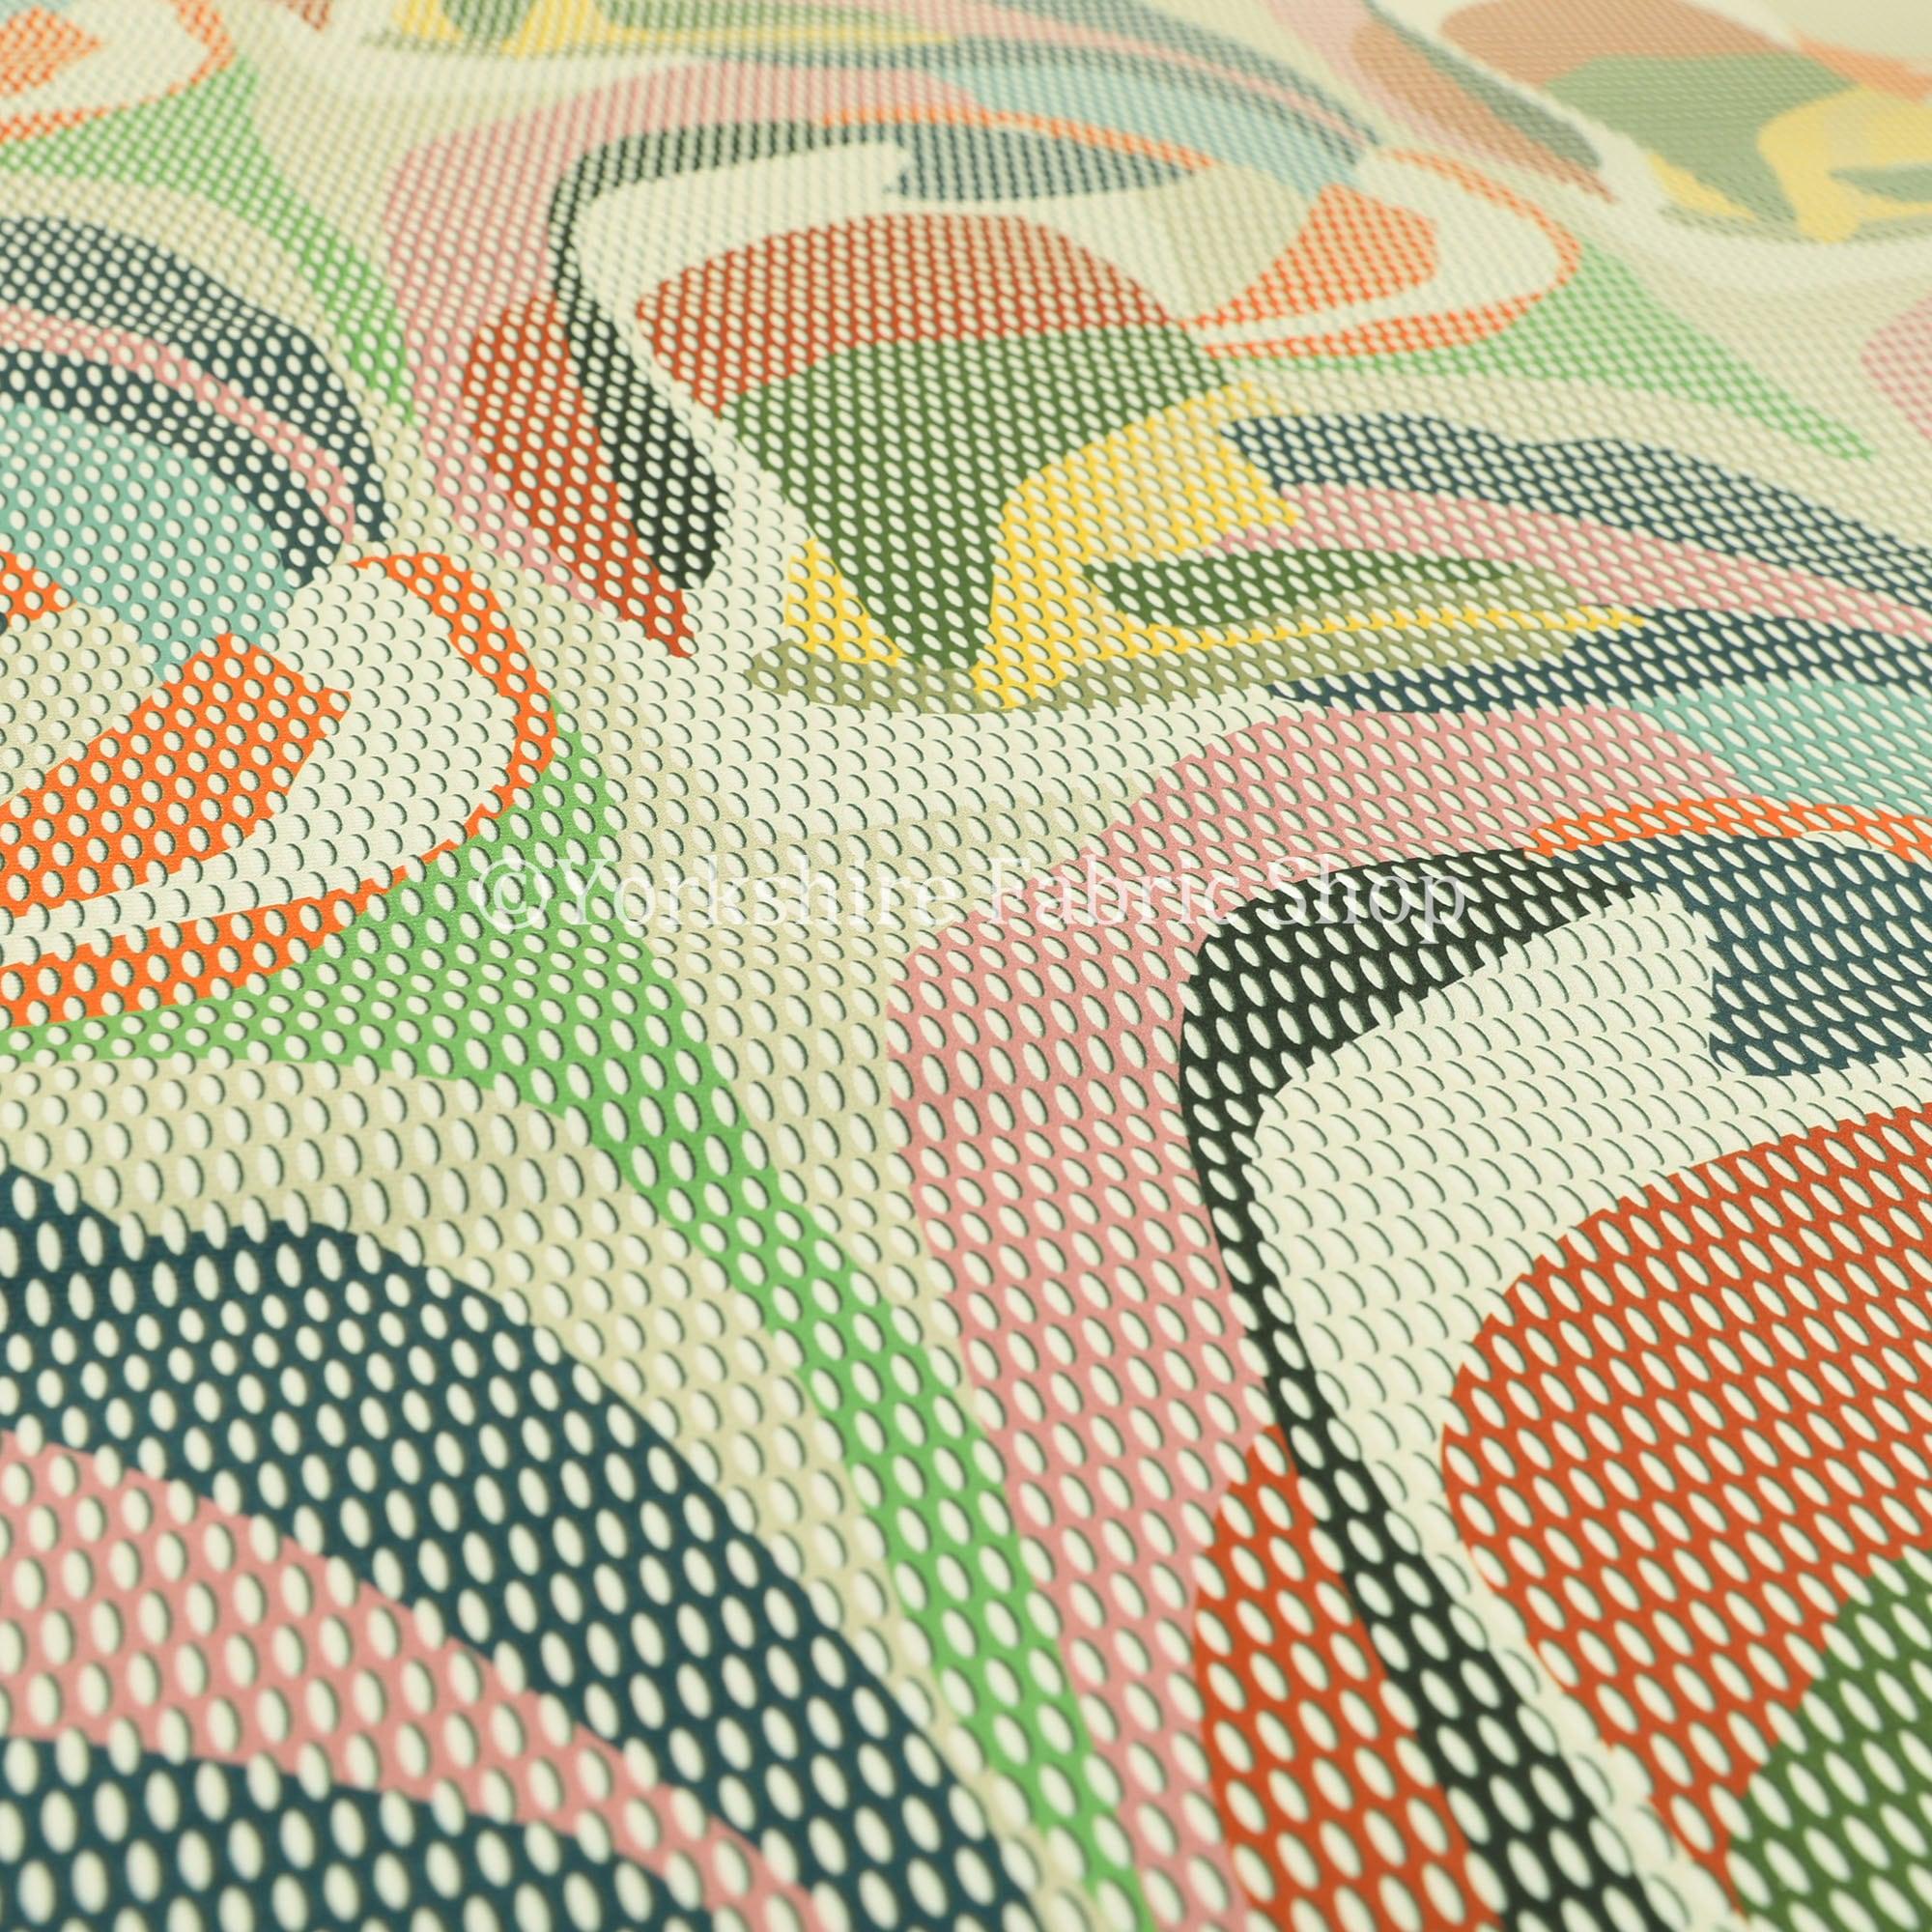 Nouveau colorés géométriques abstraites impression impression impression velours velours Rideau tissus d'ameublement - vendus par le tissu de longueur de 10 mètres 536890